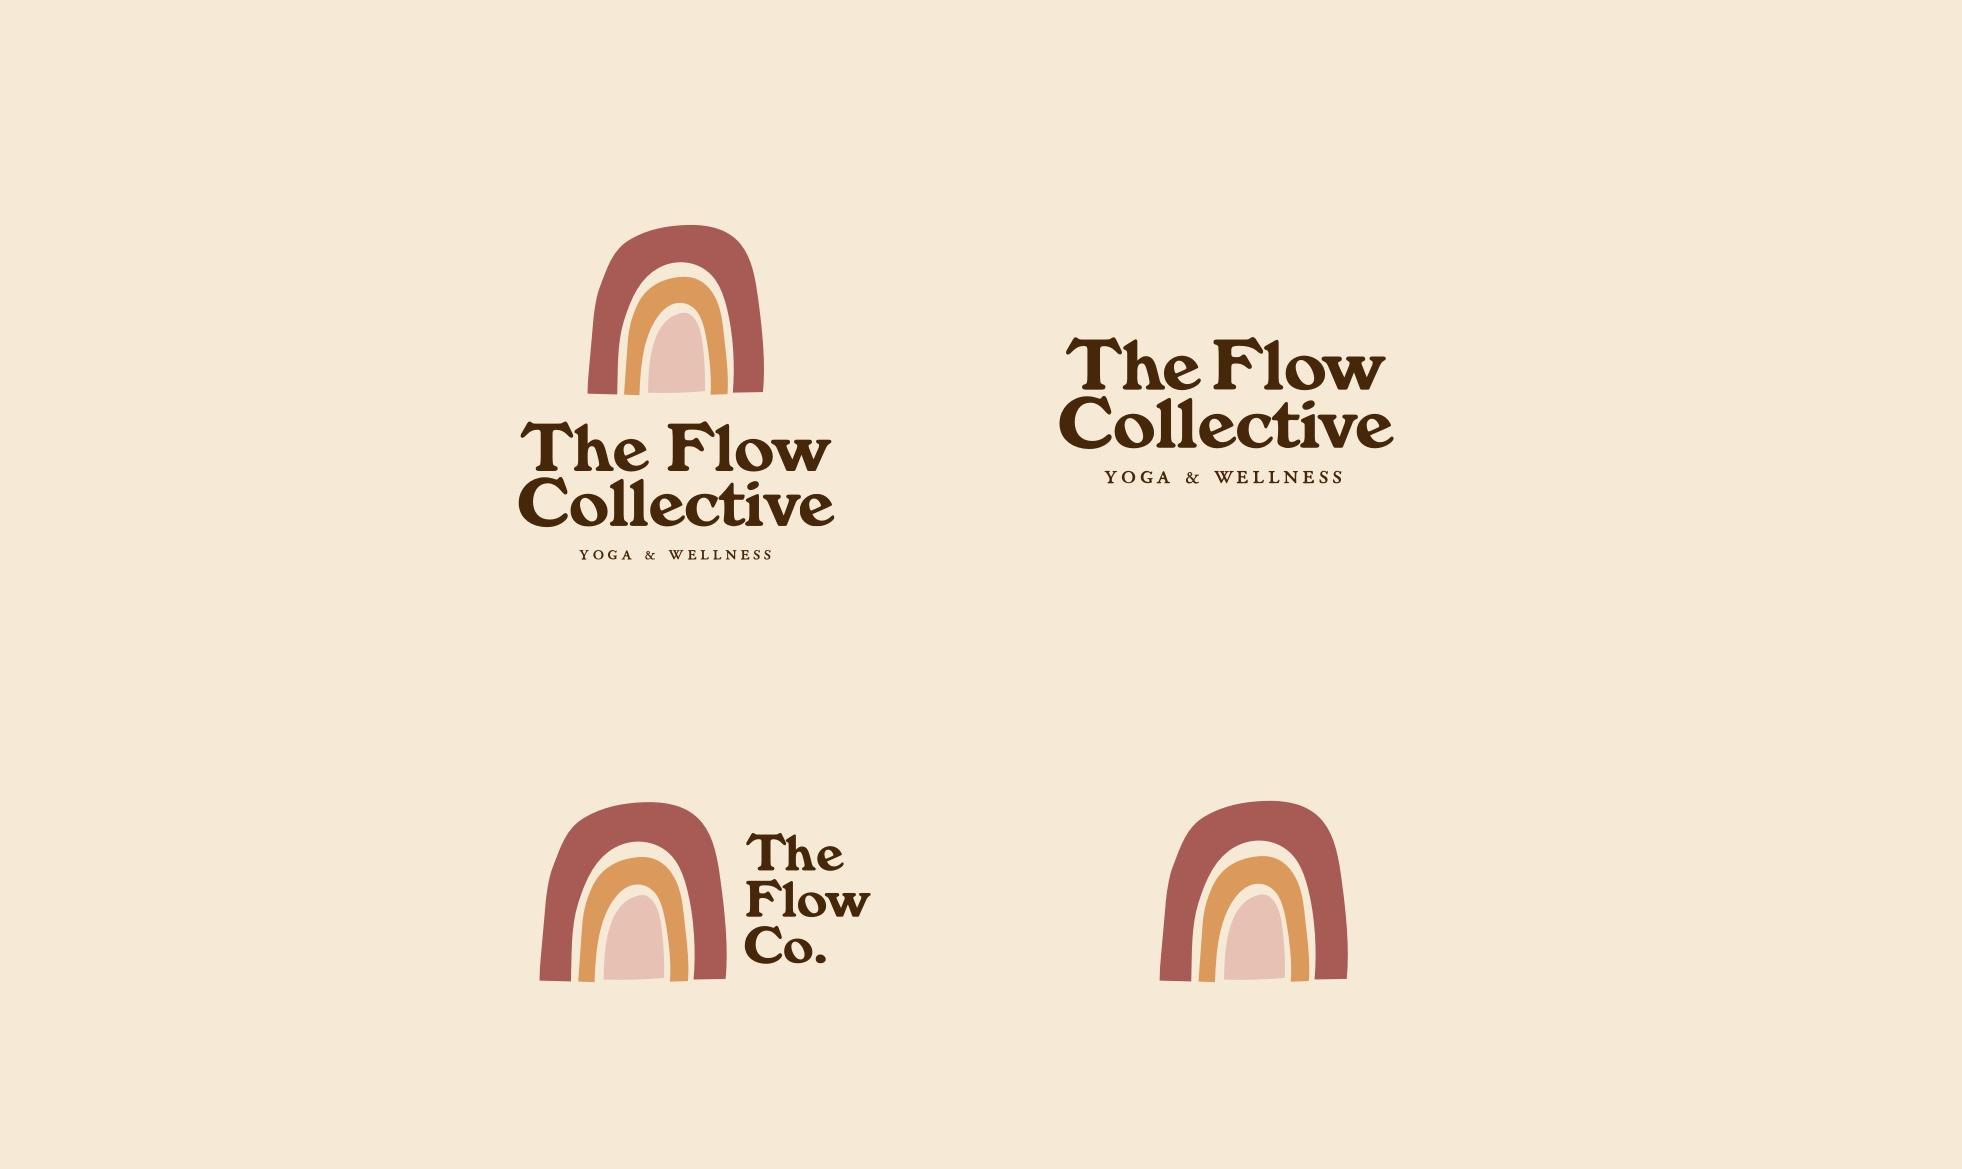 ethical-design-sydney-logo-branding-illustration-small-business-melbourne-logos.jpg